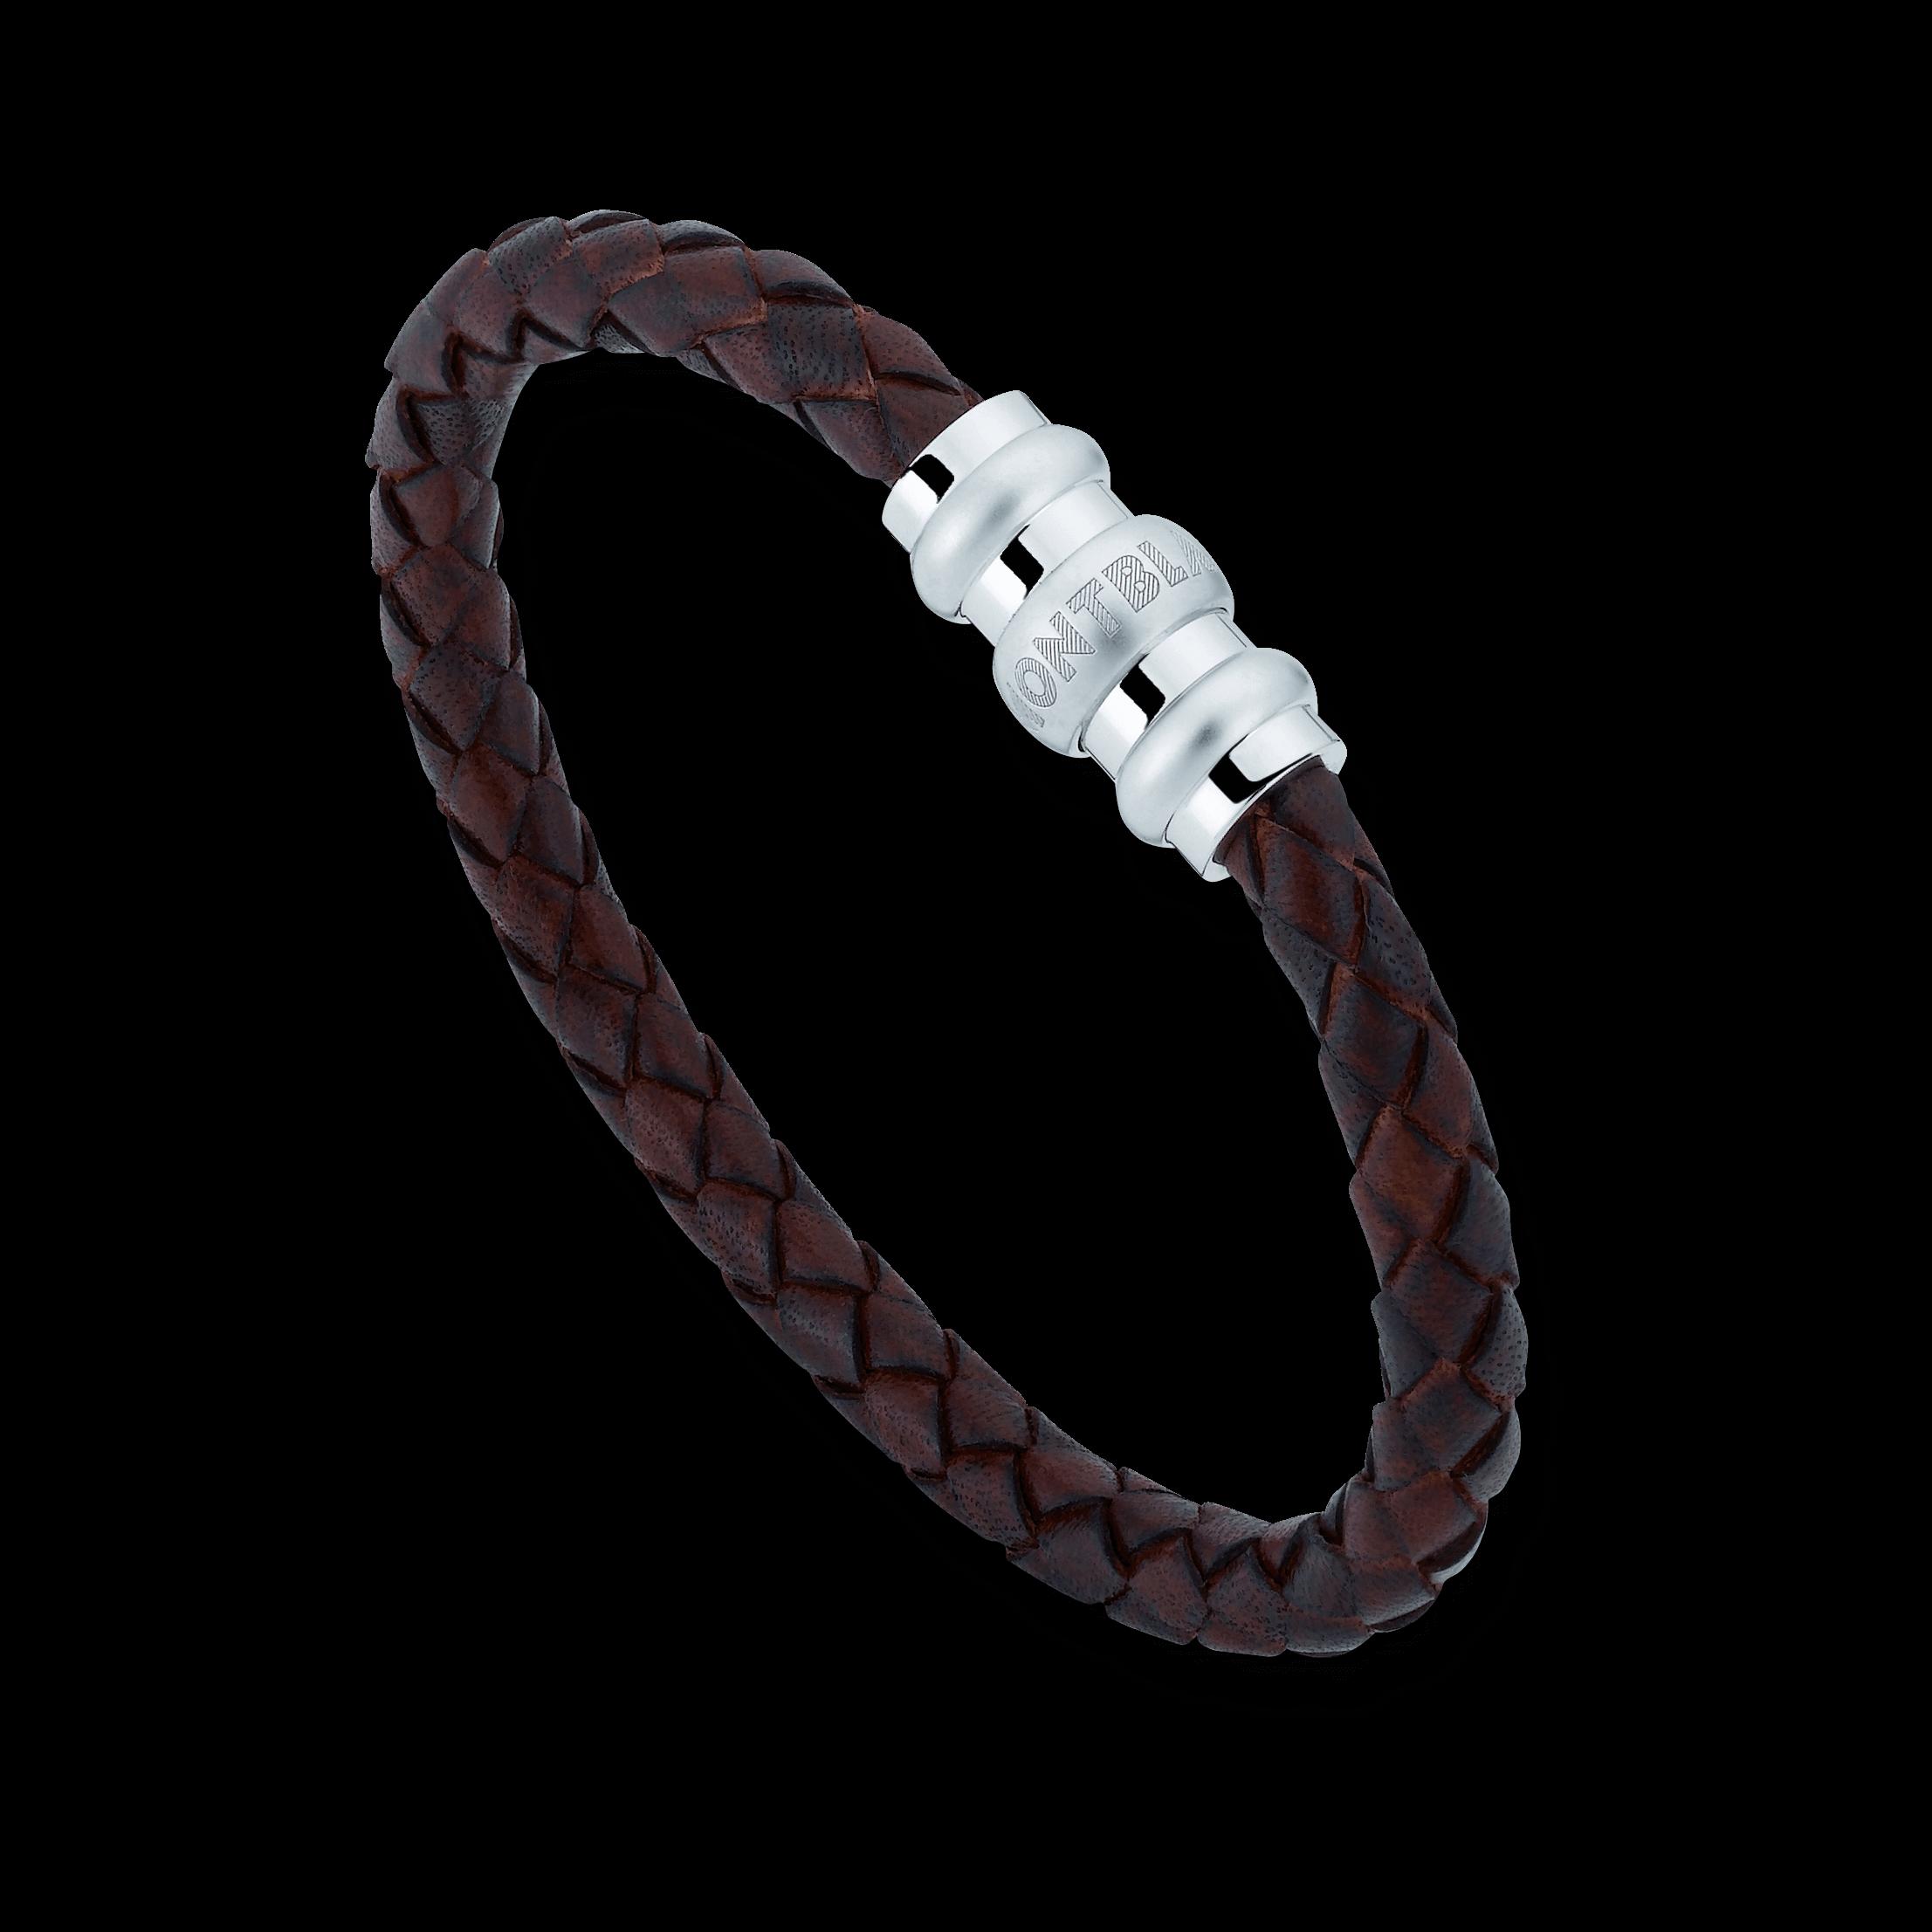 Armband  Montblanc Armband kaufen - 106936 | Brogle